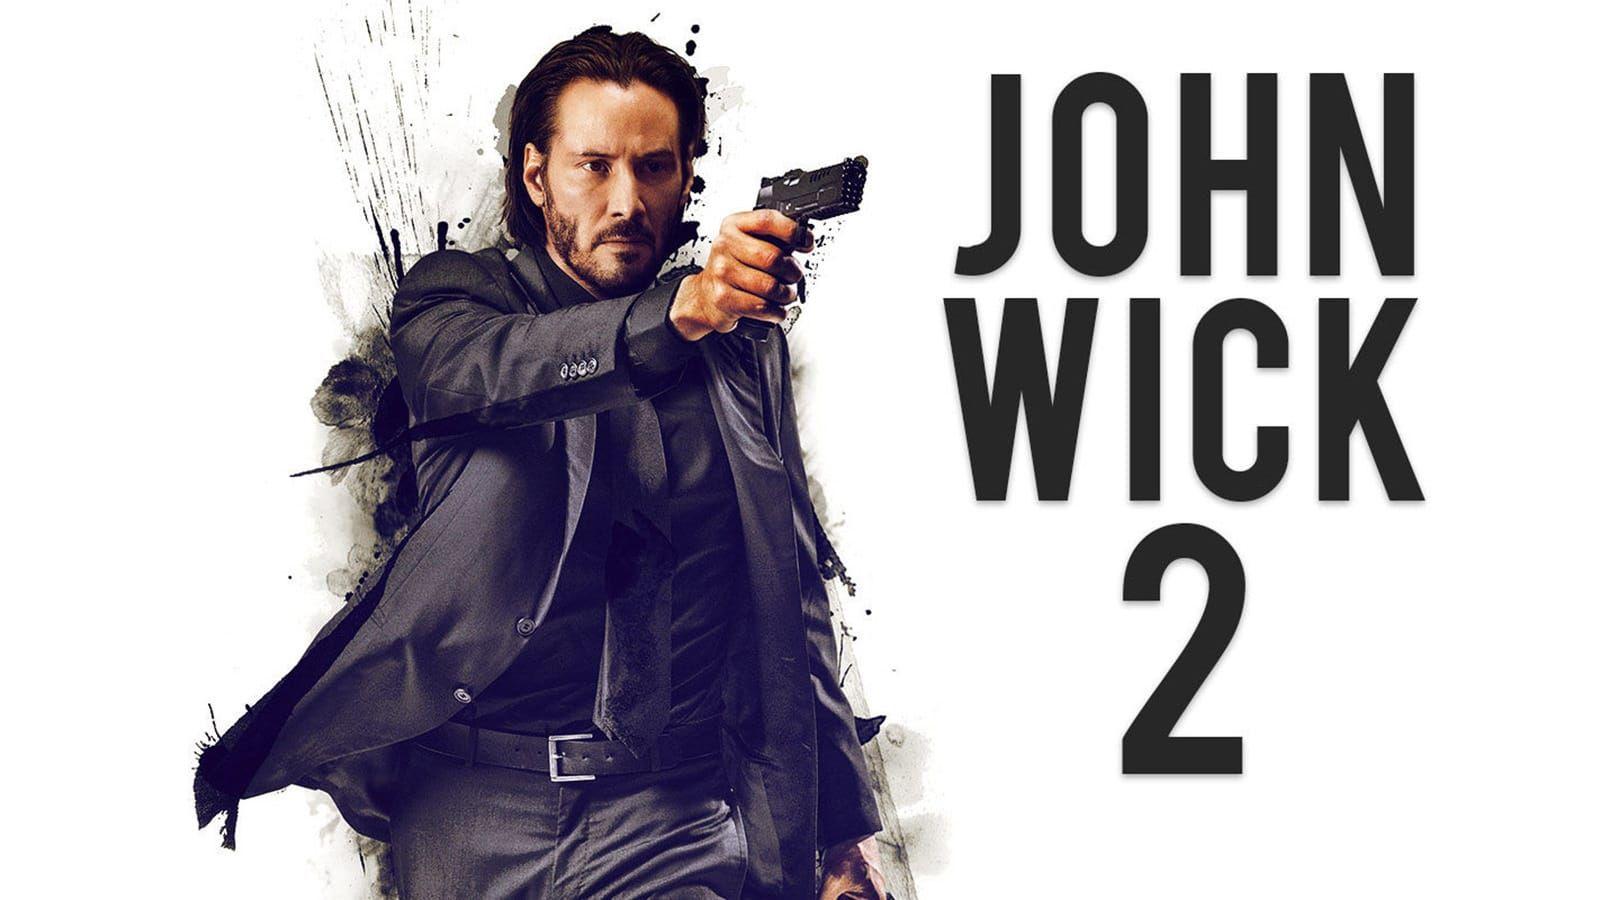 John Wick 2 Felvonas 2017 Online Teljes Film Filmek Magyarul Letoltes Hd John Wick A Visszavonult Bergyilkos Sosem Nyugszik Miutan A M John Wick Film Reise